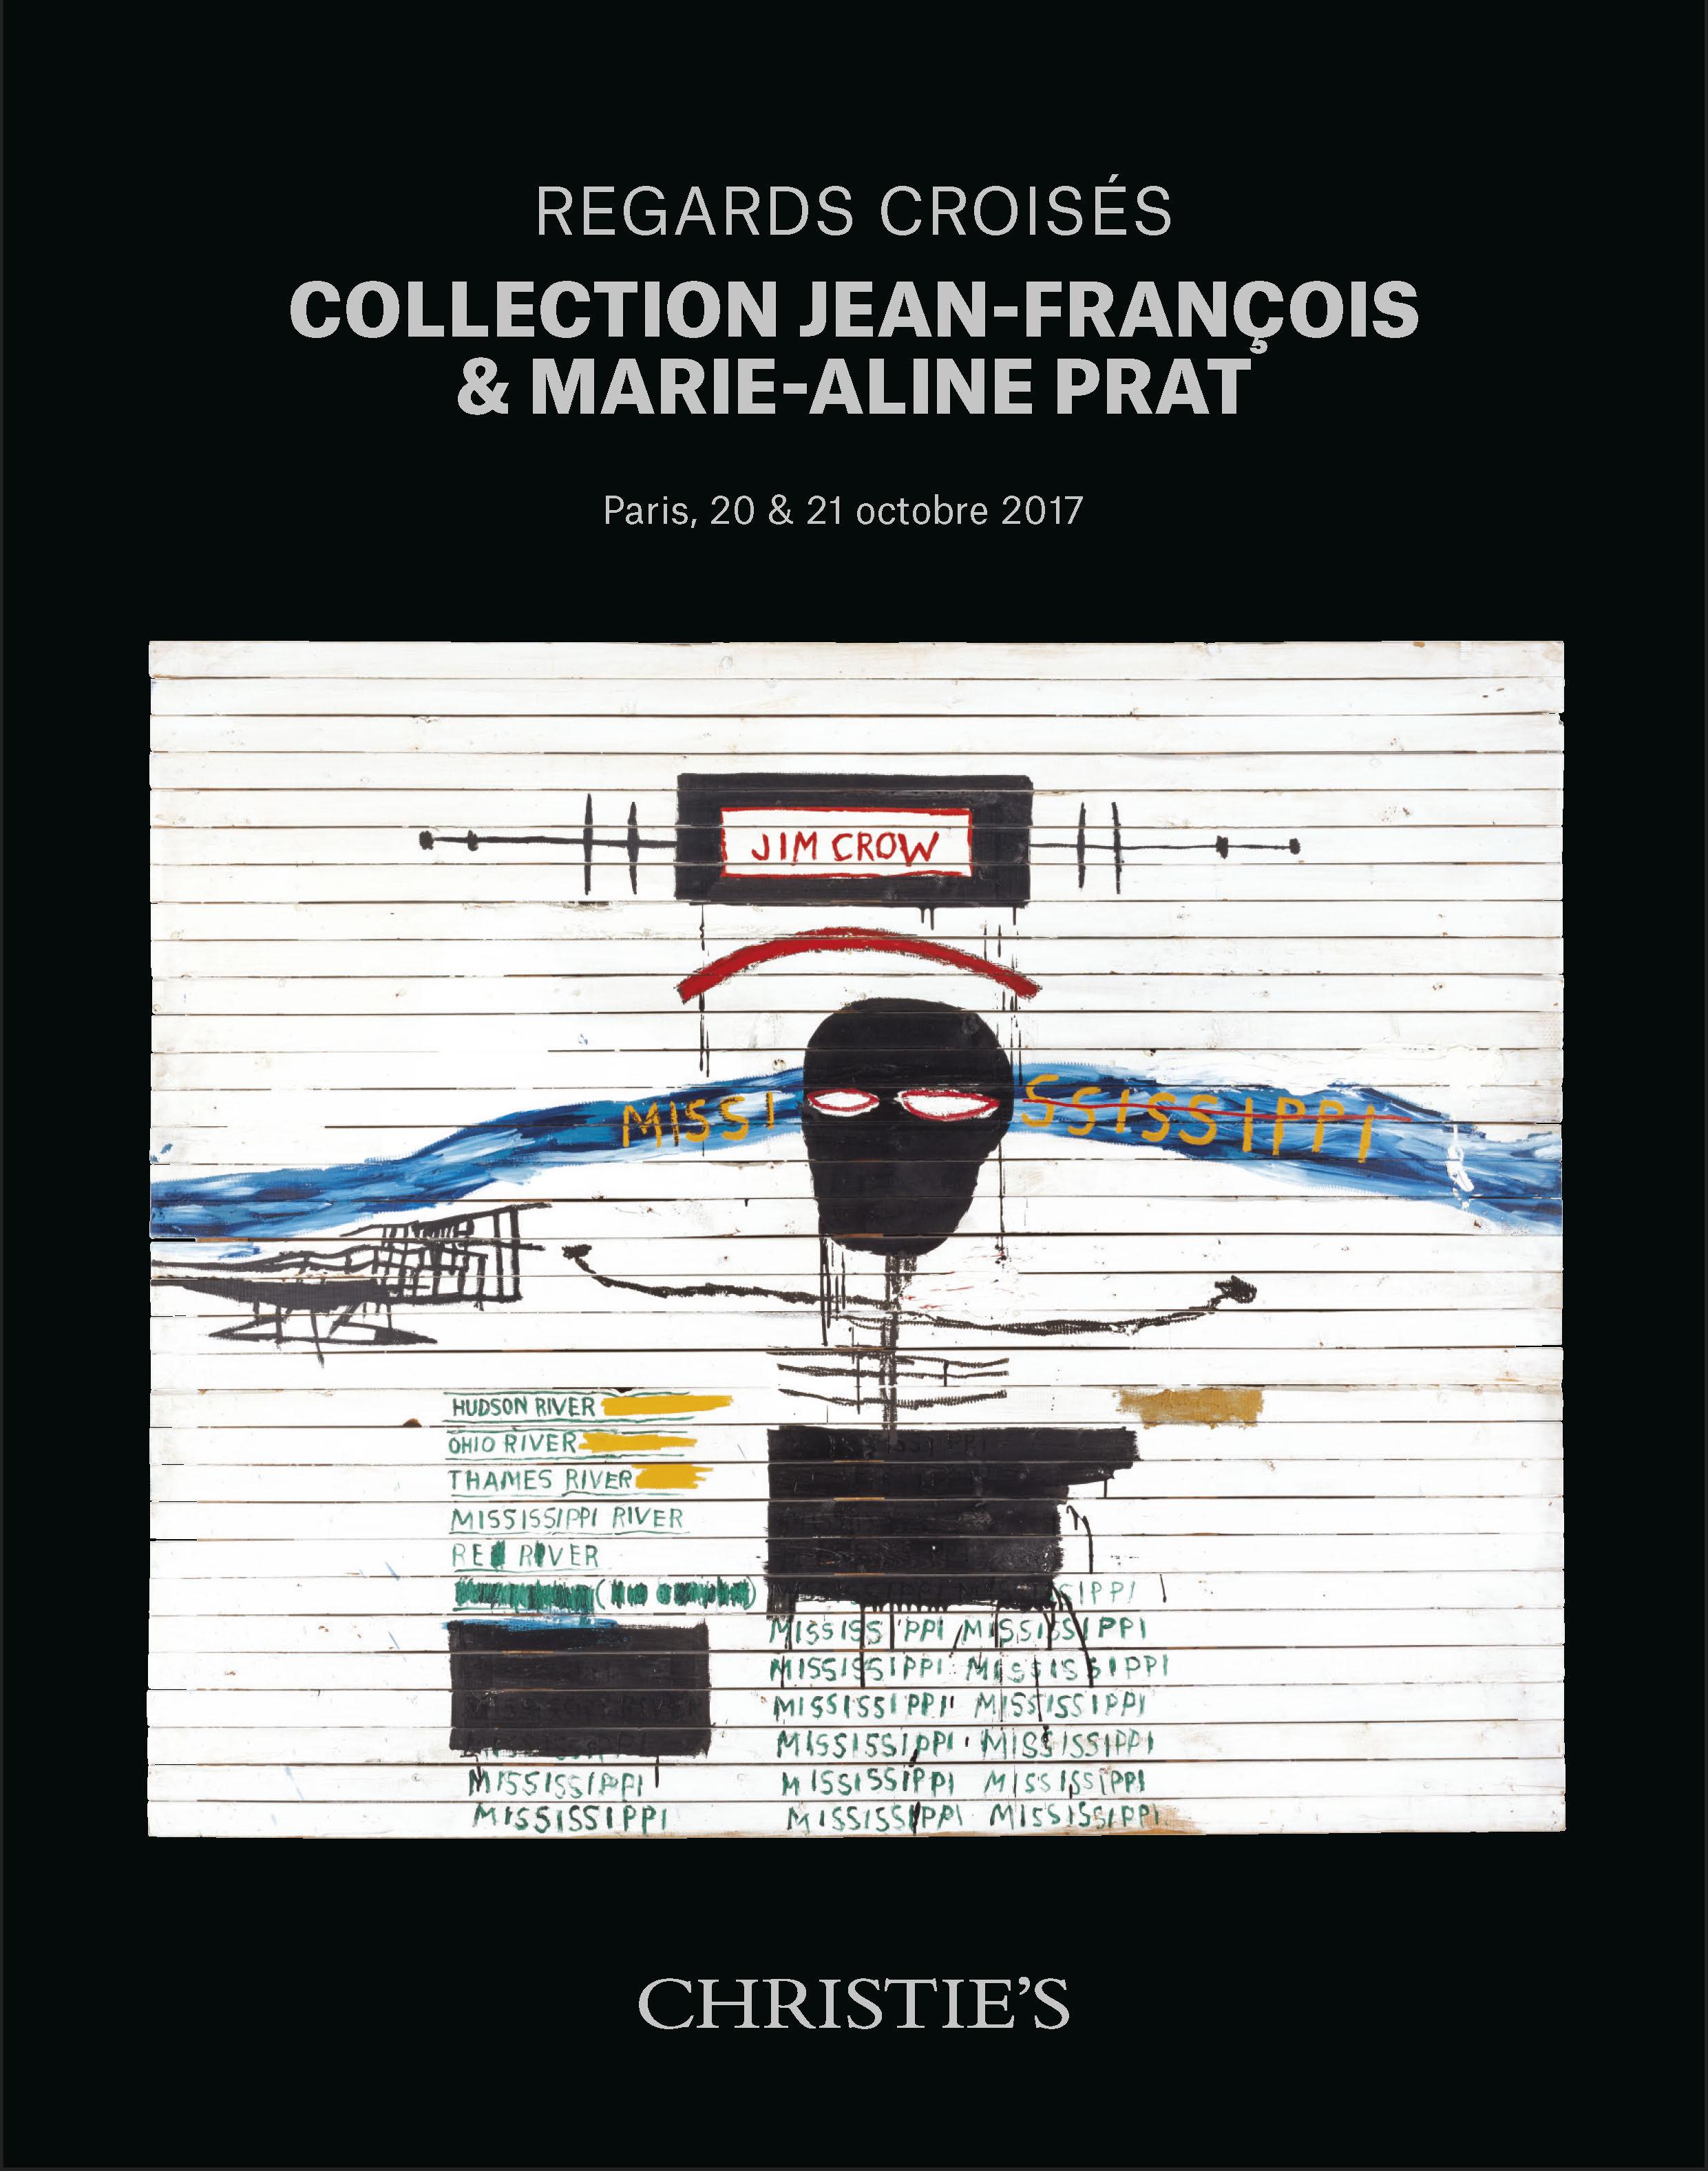 REGARDS CROISÉS  COLLECTION JEAN-FRANÇOIS & MARIE-ALINE PRAT - DAY SALE